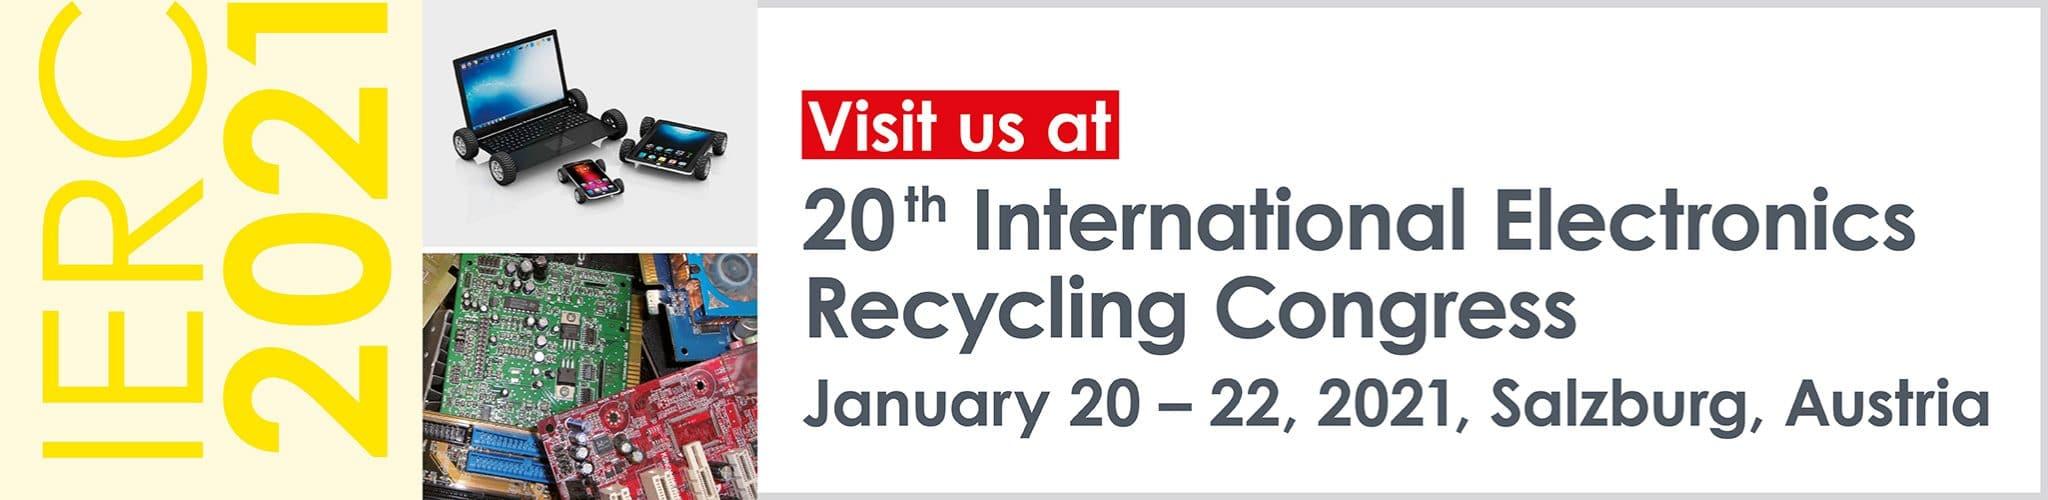 IERC 2021, 20 - 22 January, Salzburg, Austria